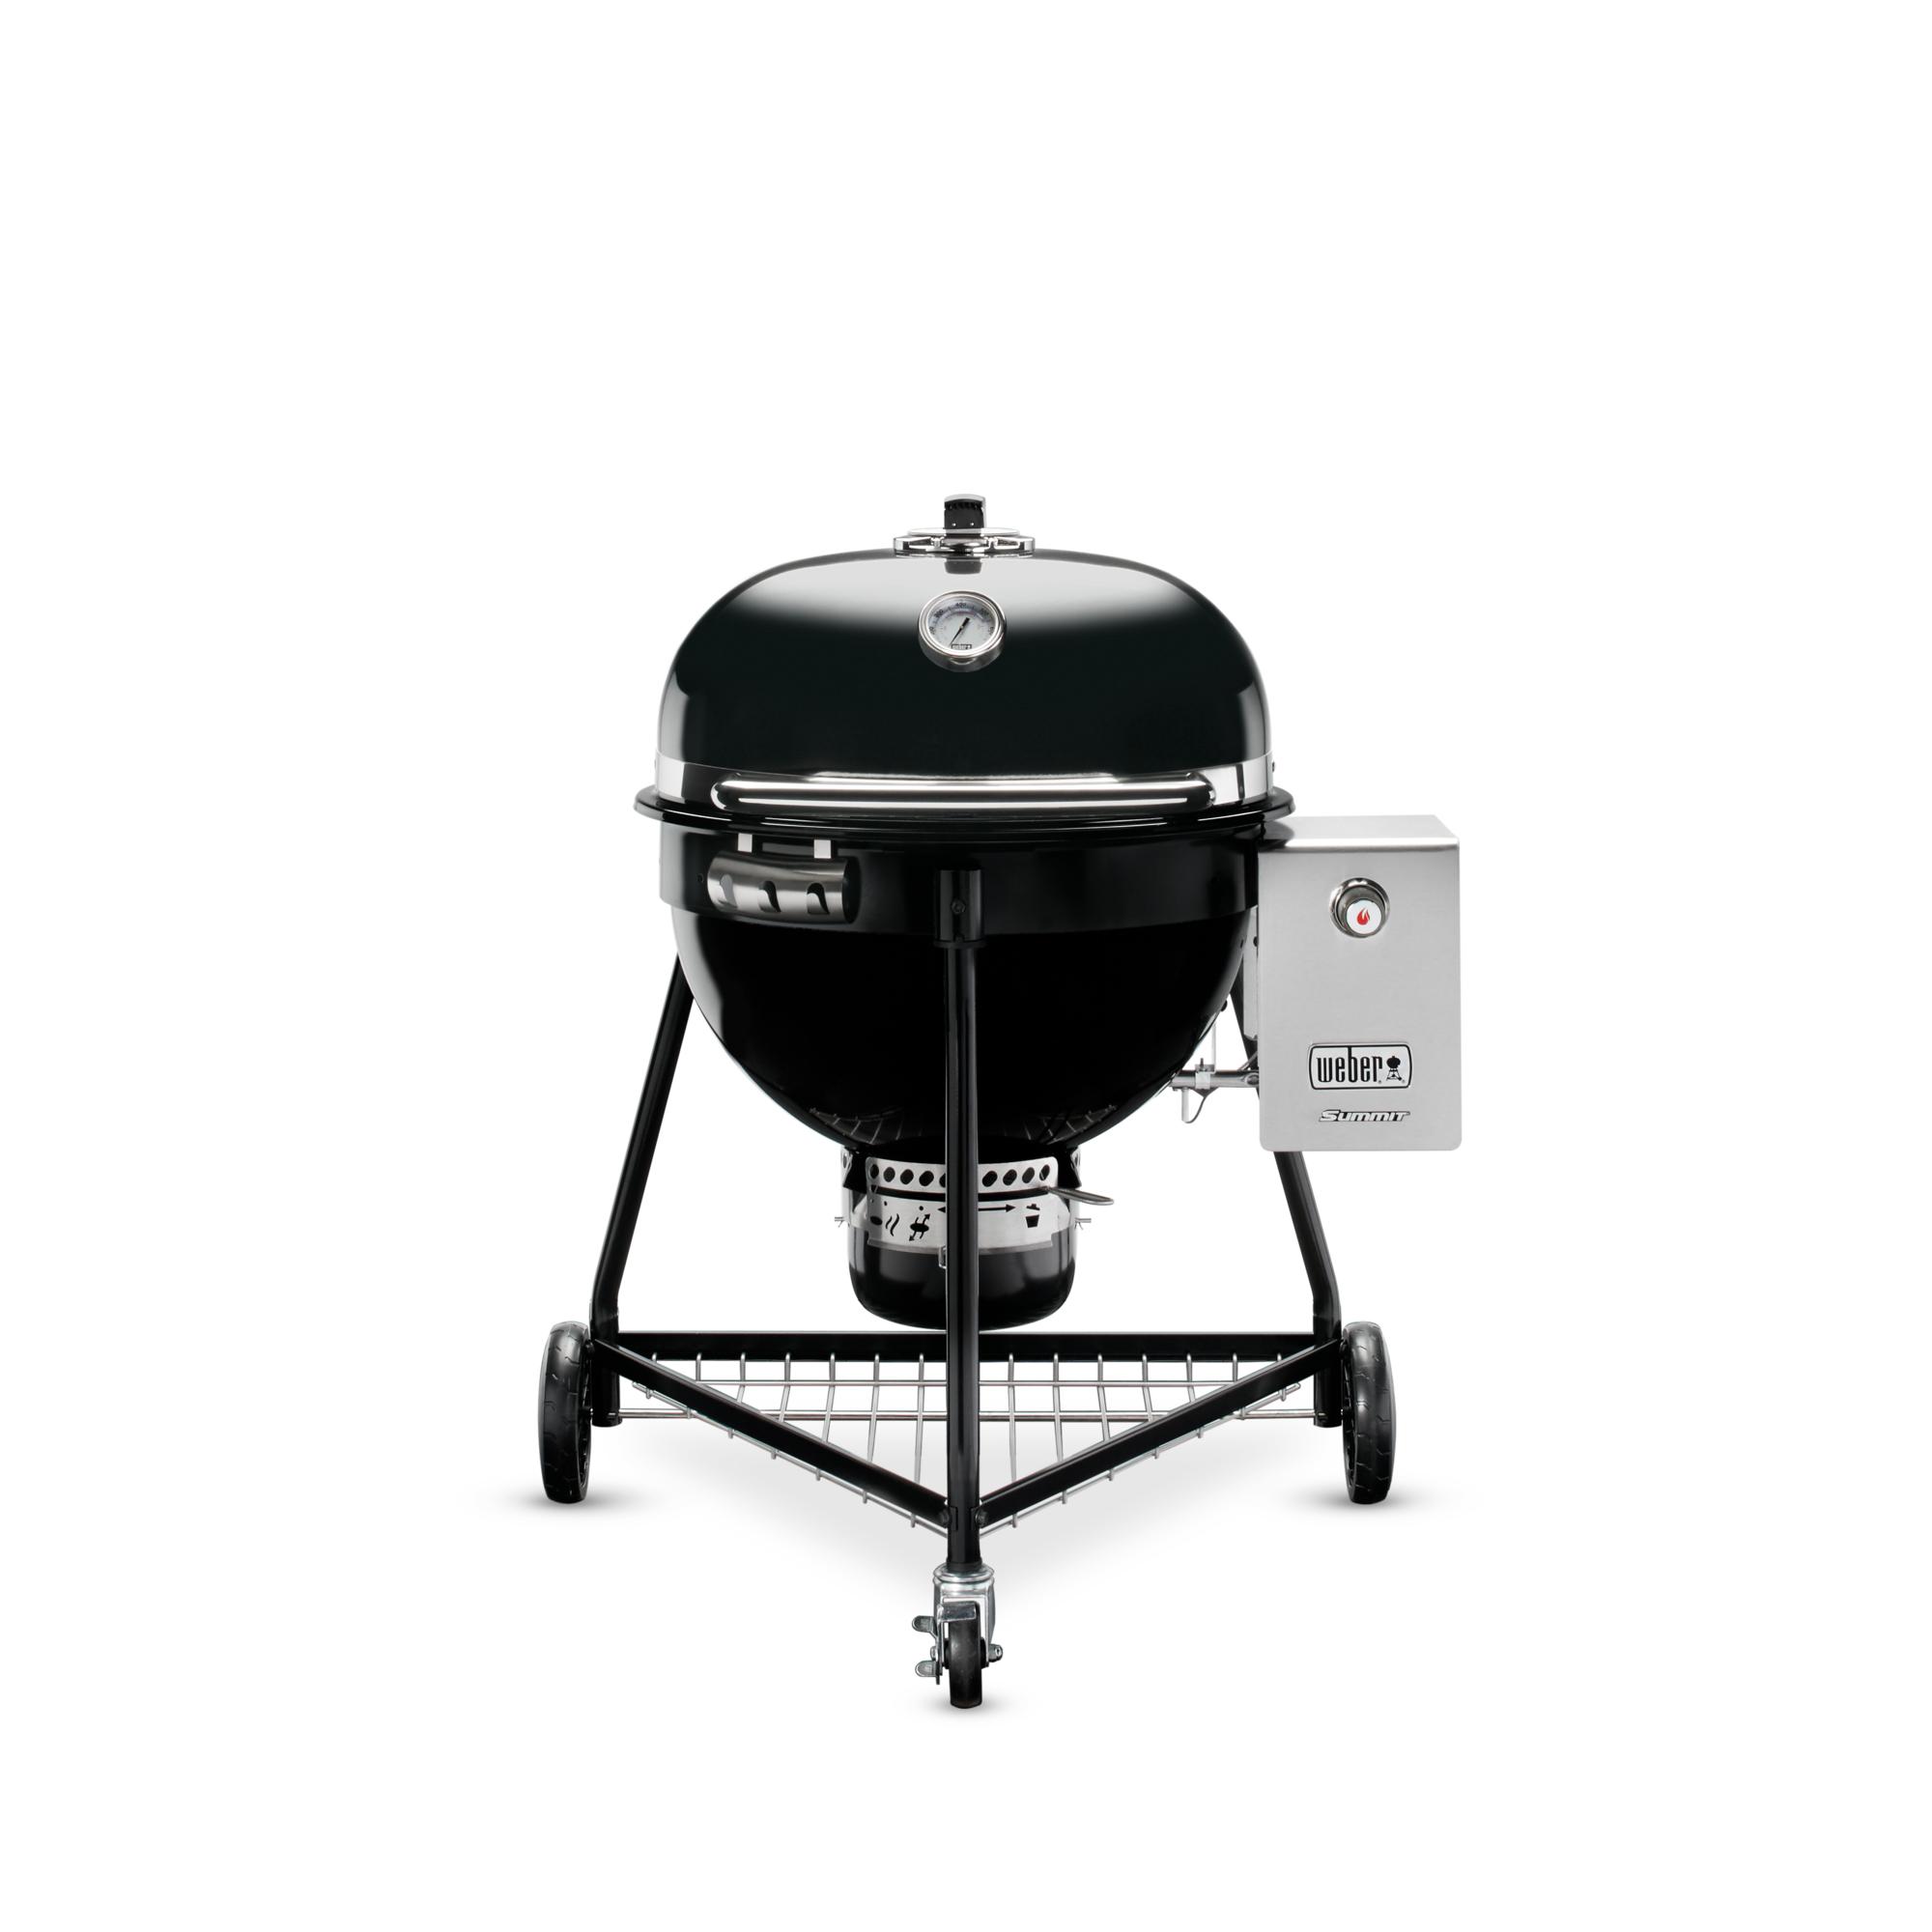 Summit® Charcoal Grill, 61 cm, Black